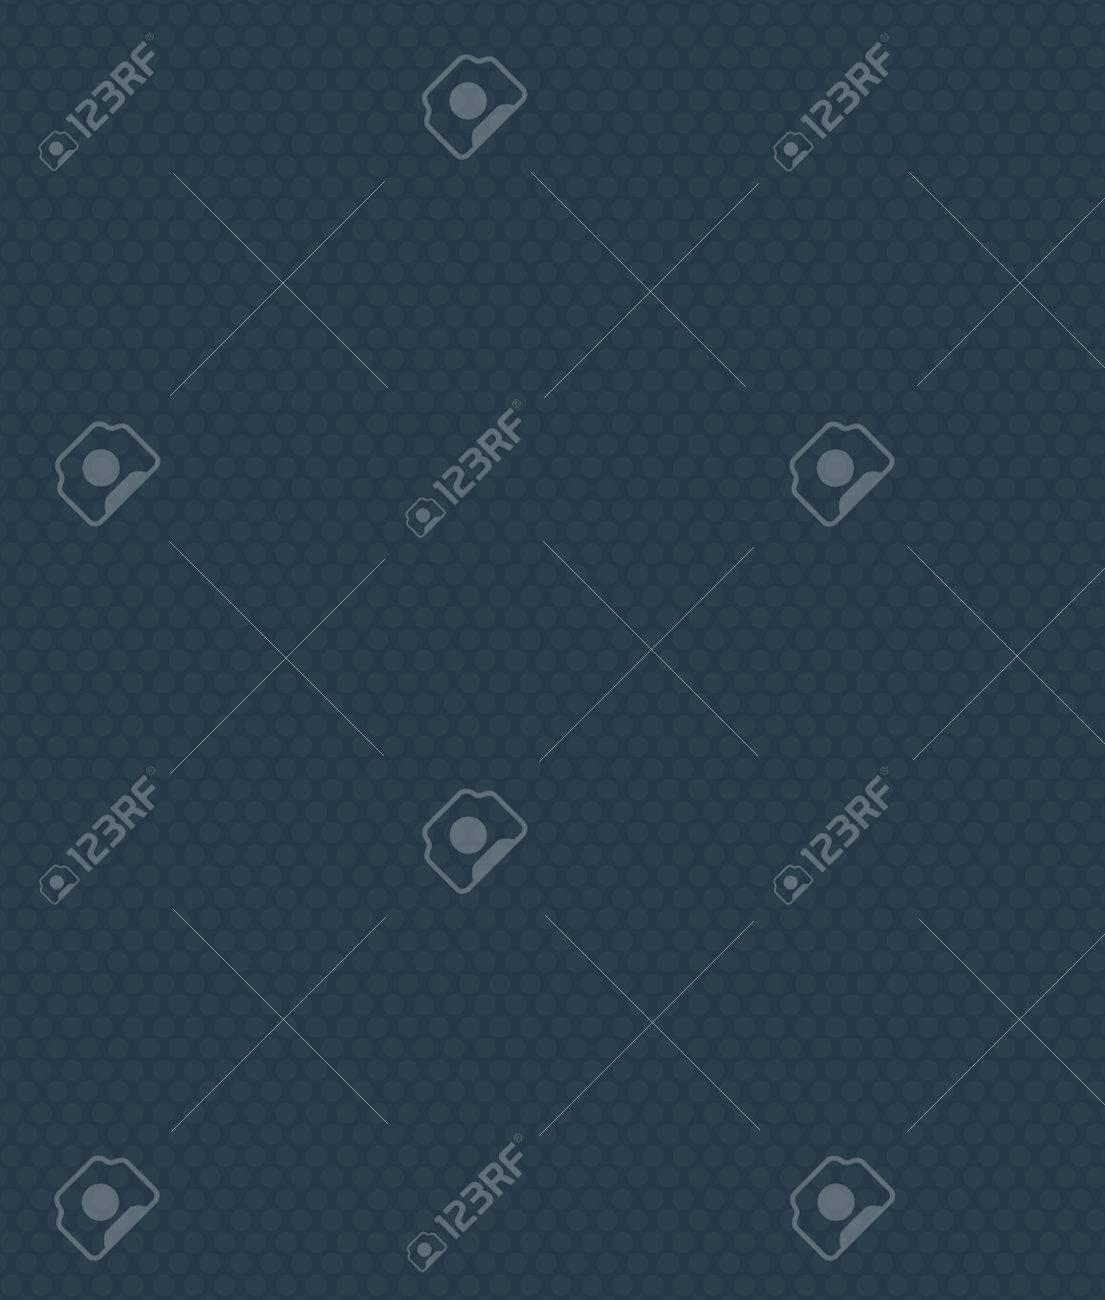 Couleur Gris Bleu Foncé vector abstract arrière-plan simple de couleur bleu et gris foncé